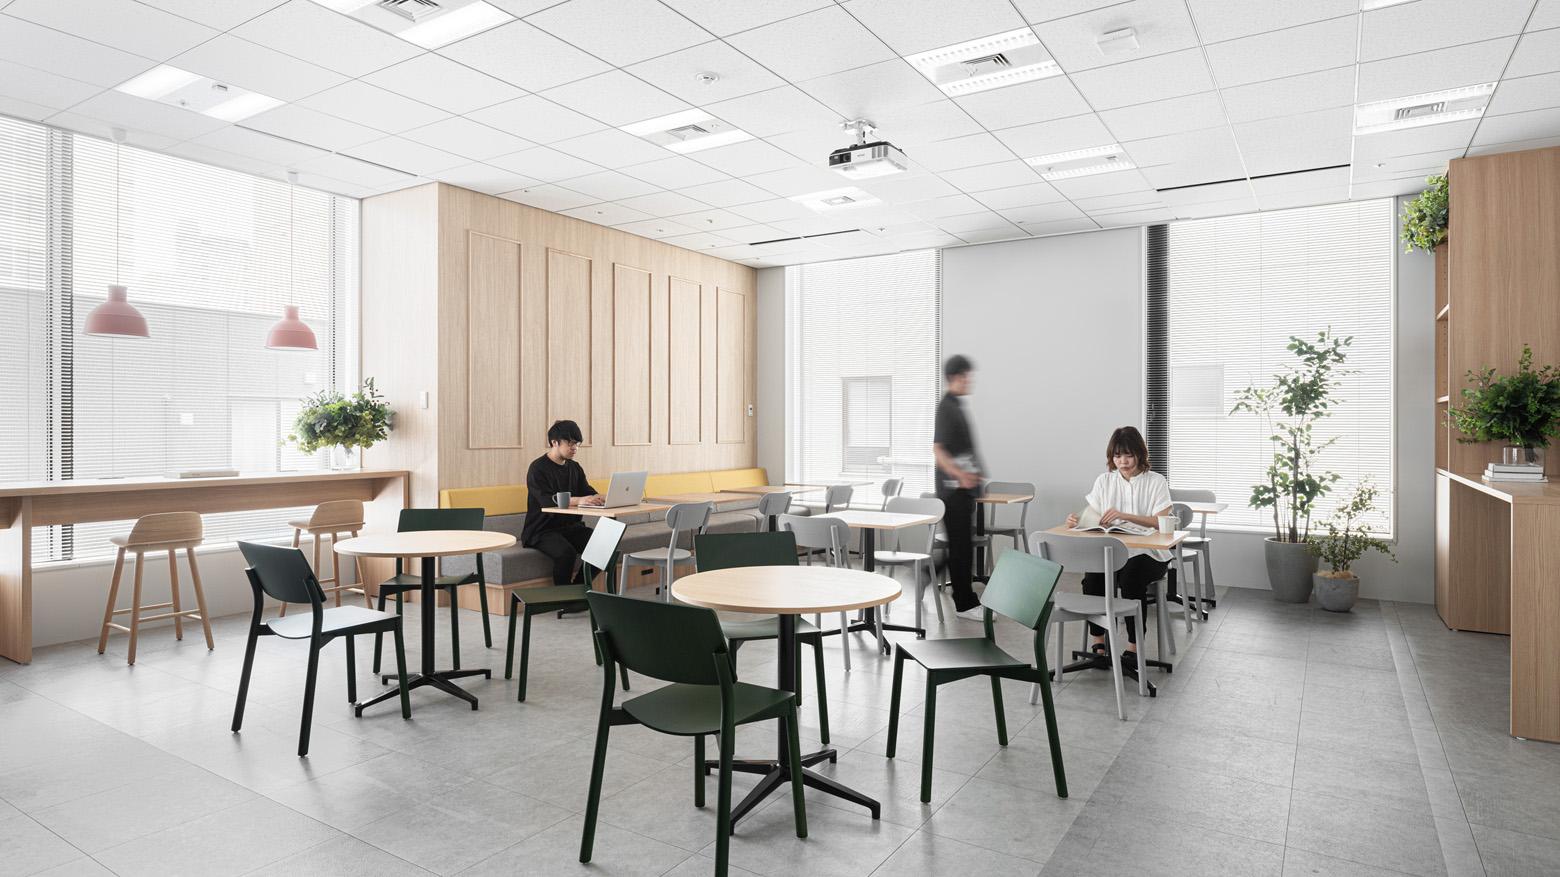 株式会社セブン&アイ・ネットメディア Refresh Space デザイン・レイアウト事例